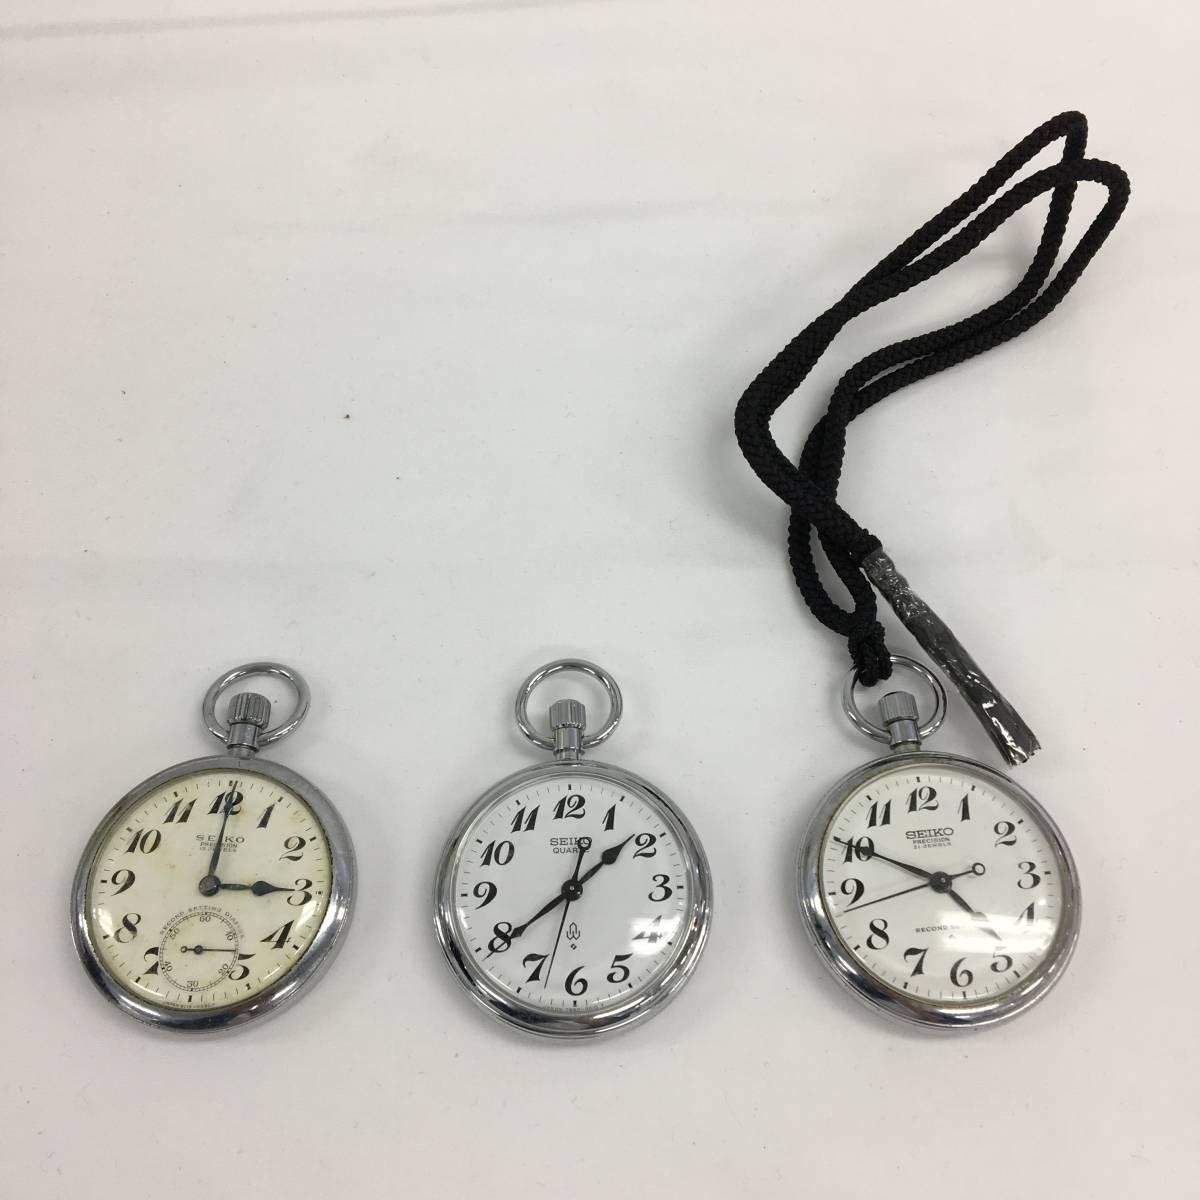 【A994423】セイコー懐中時計 おまとめ3点セット 中古 ※傷汚れあり